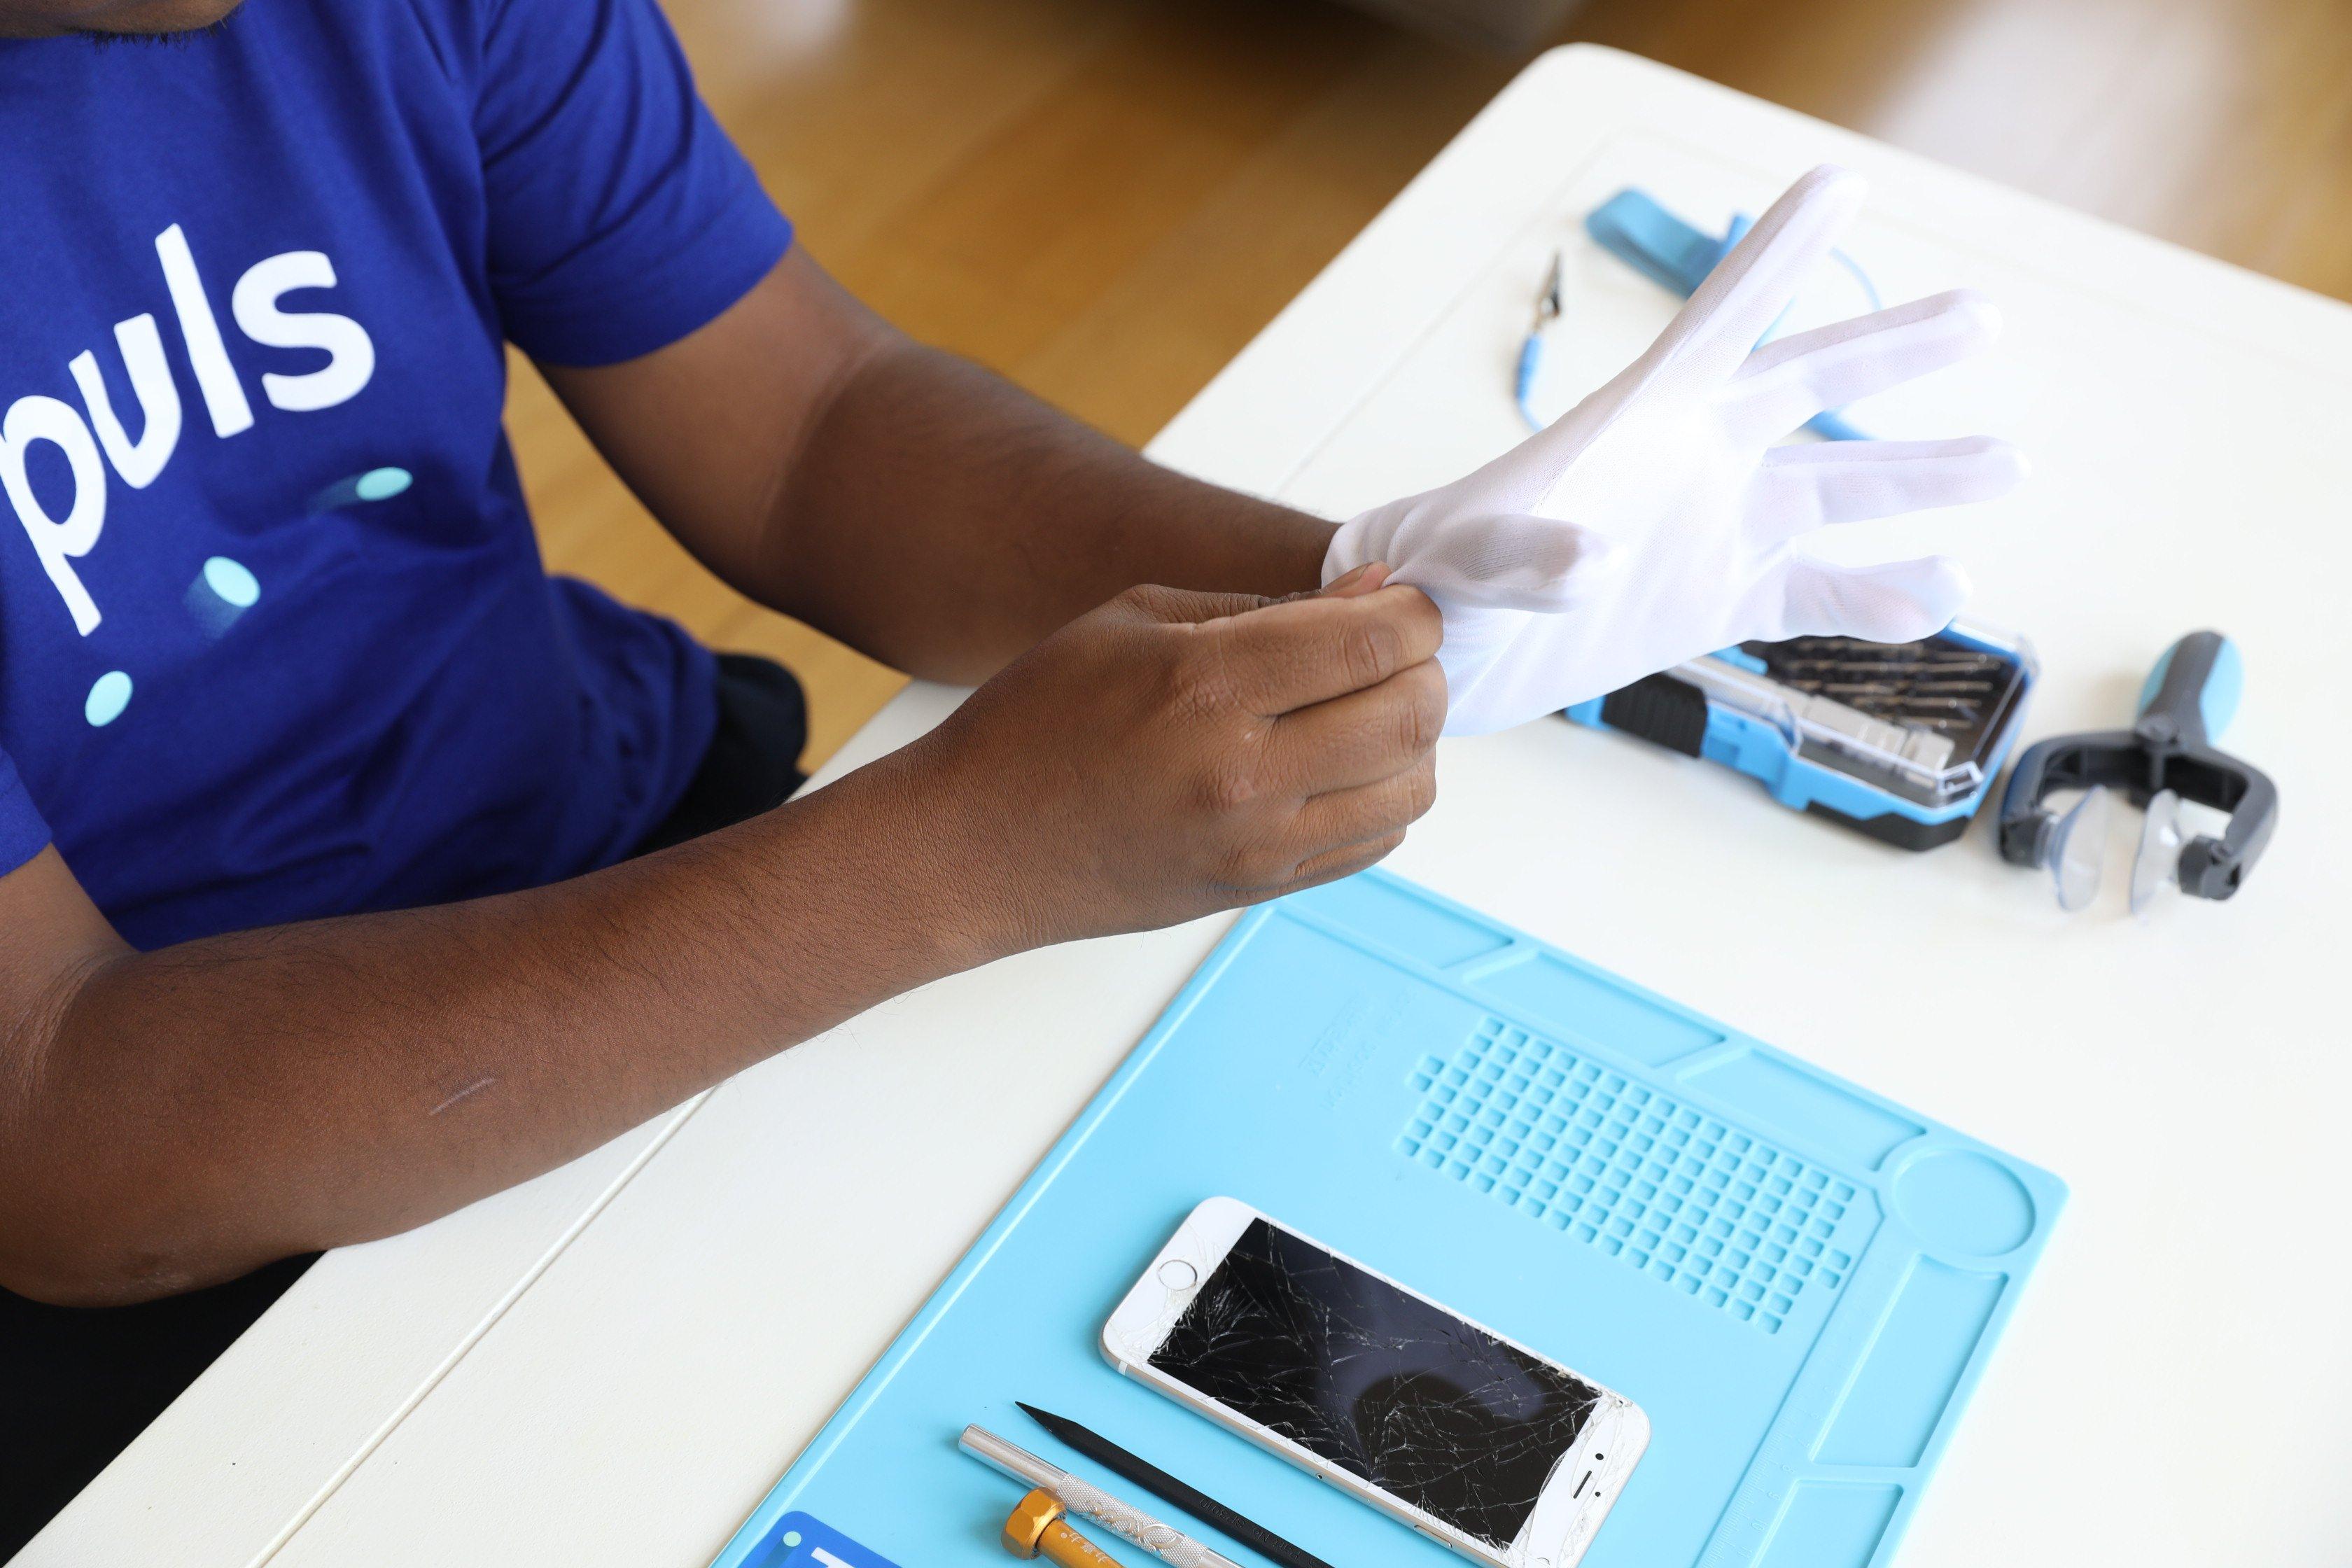 Puls iPhone repair technician